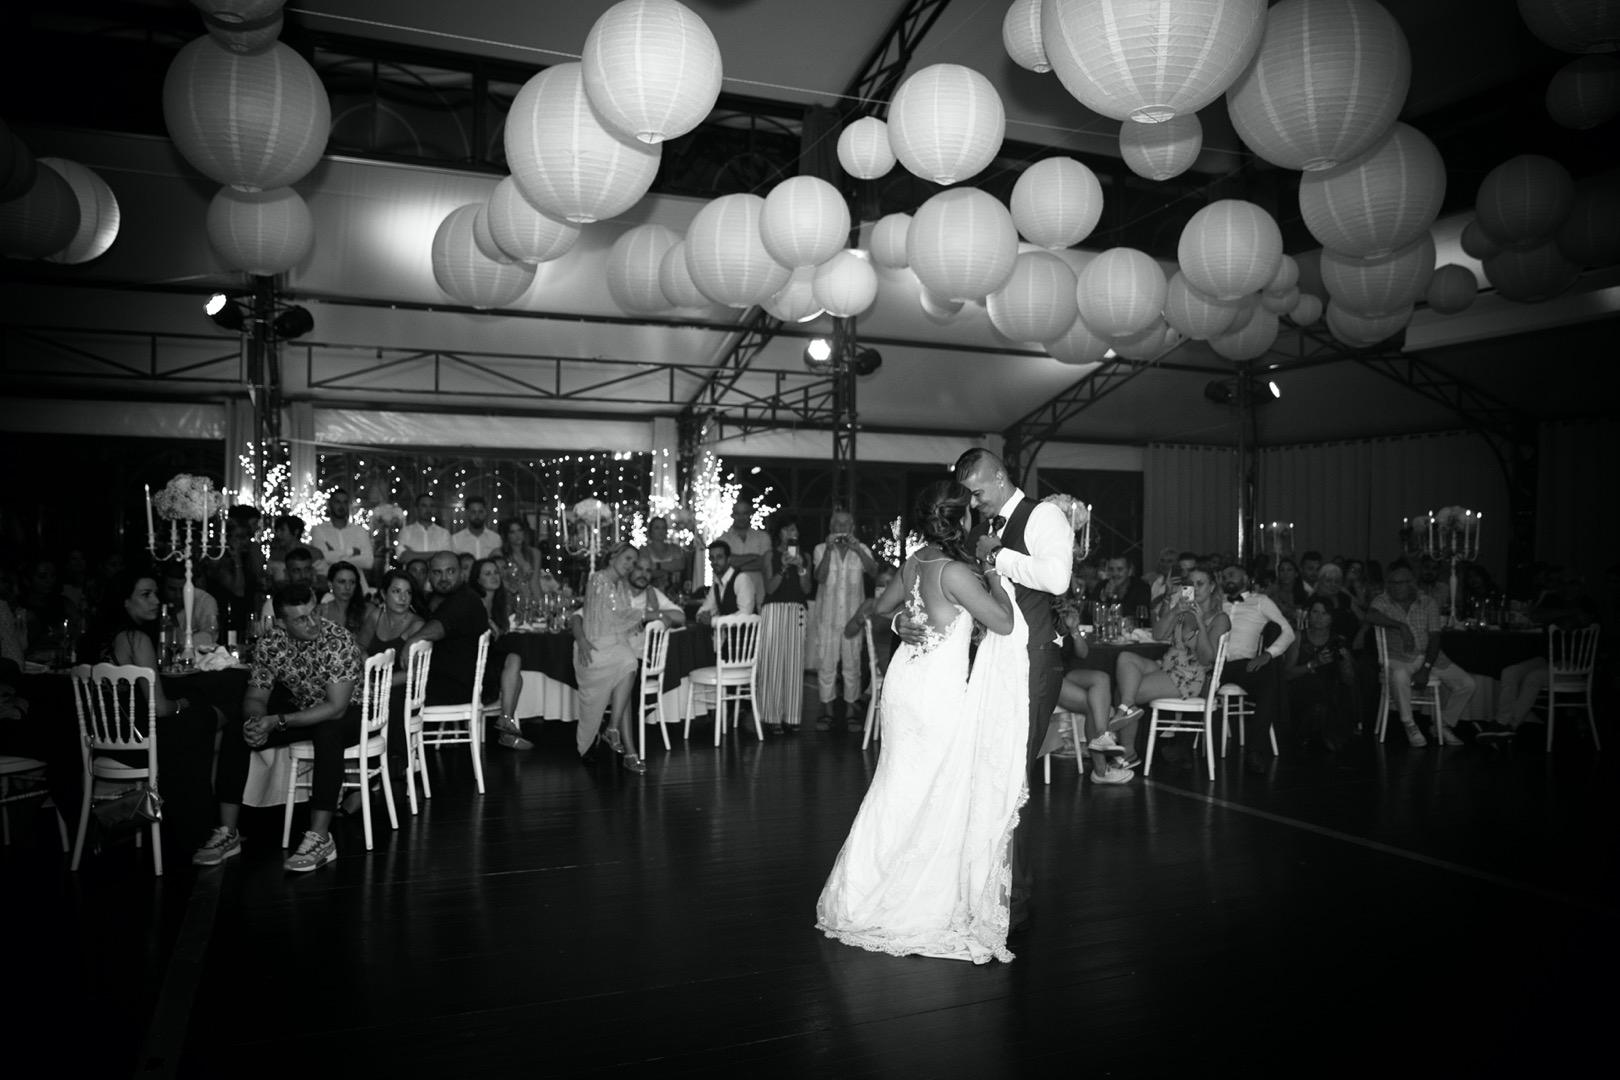 Première danse mariage La Dolce Vita Organisation de Mariages Toulouse.jpg